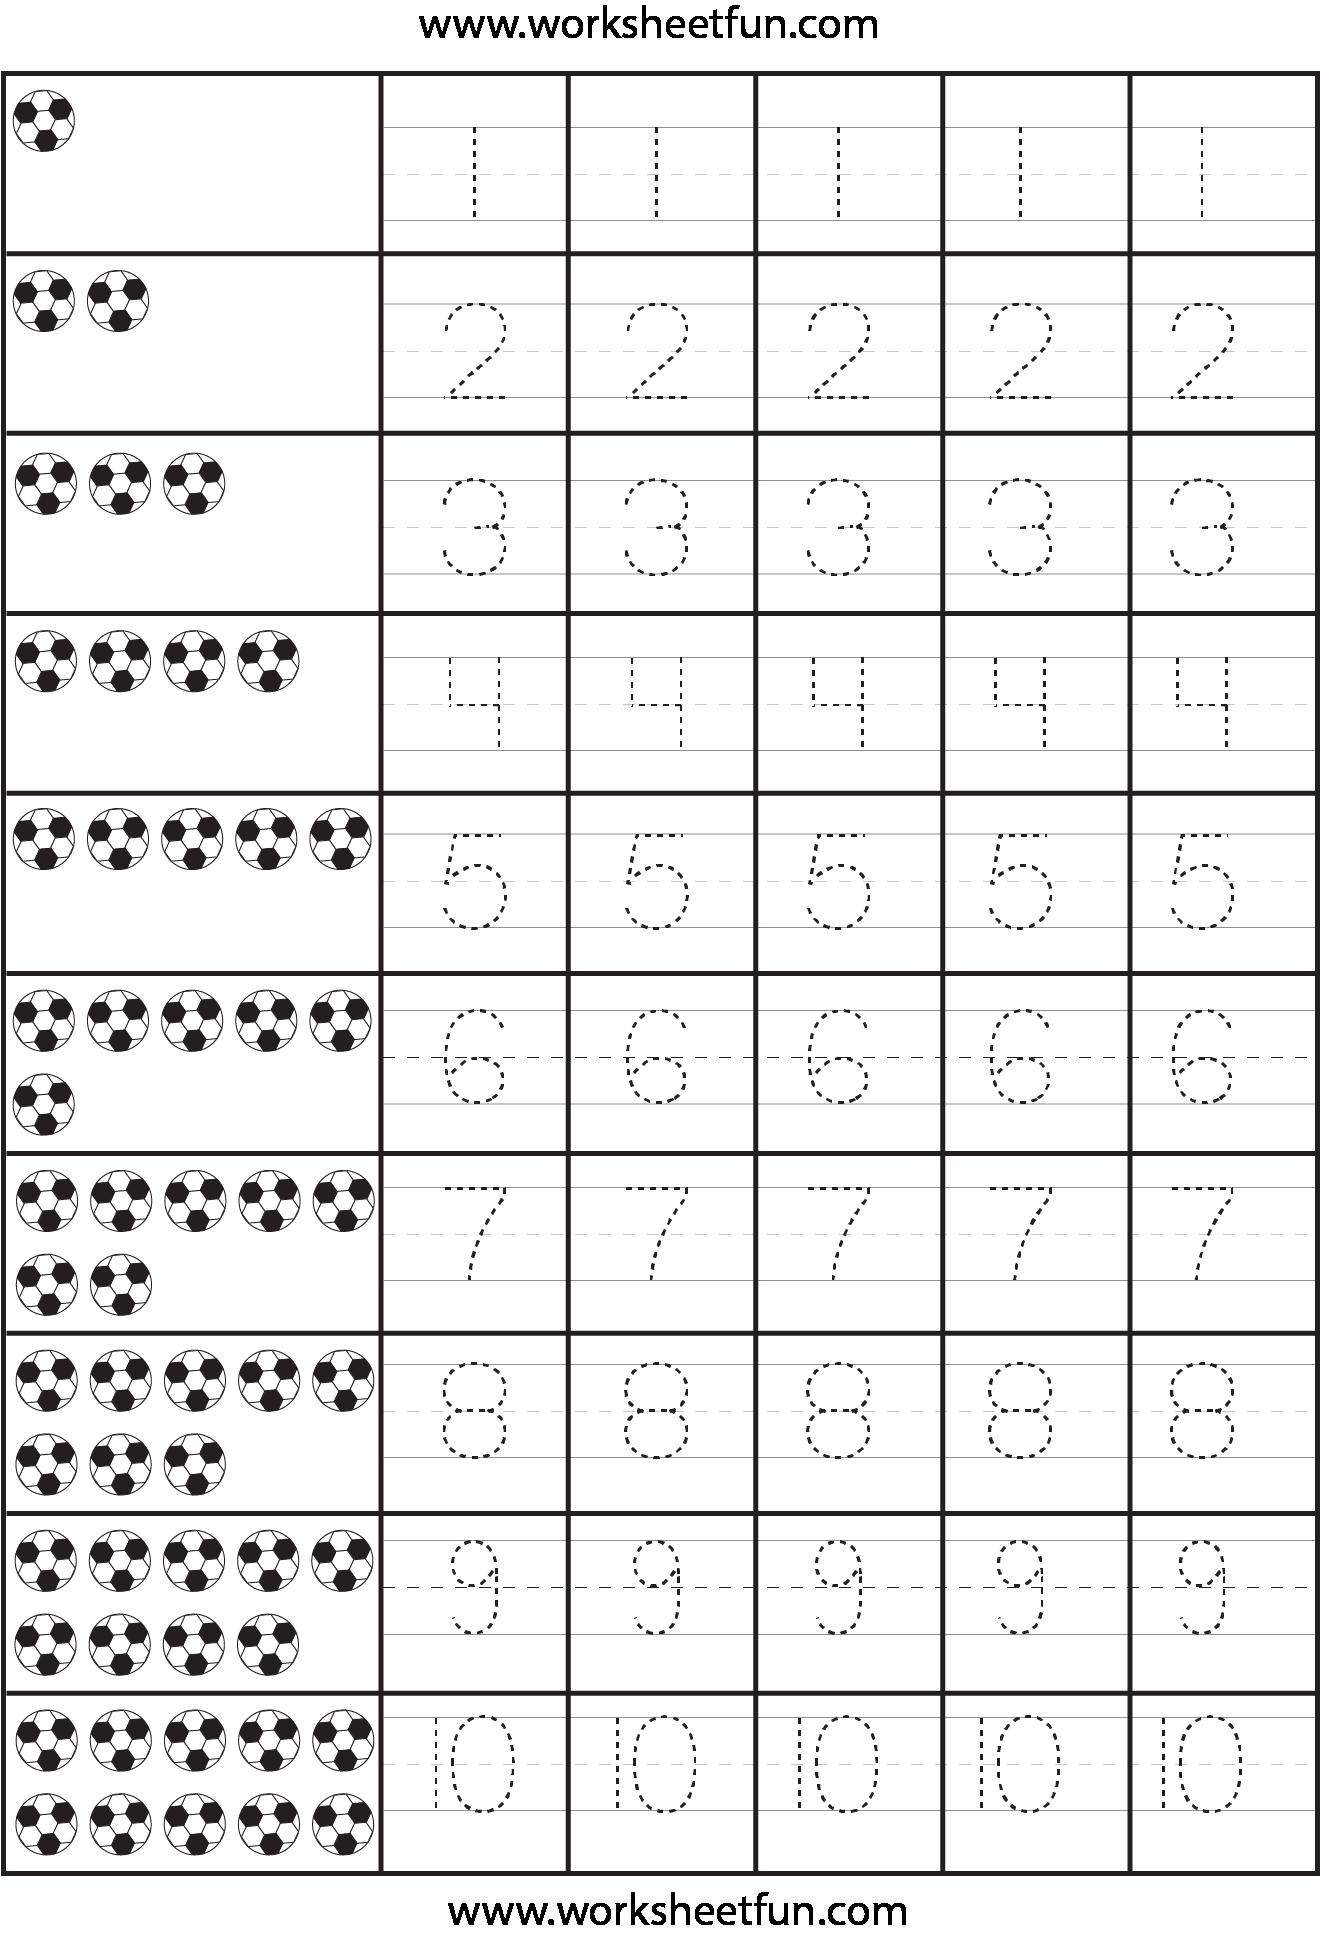 Worksheet Tracing Numbers tracing numbers 1 20 worksheets kindergarten worksheet number 10 spelling